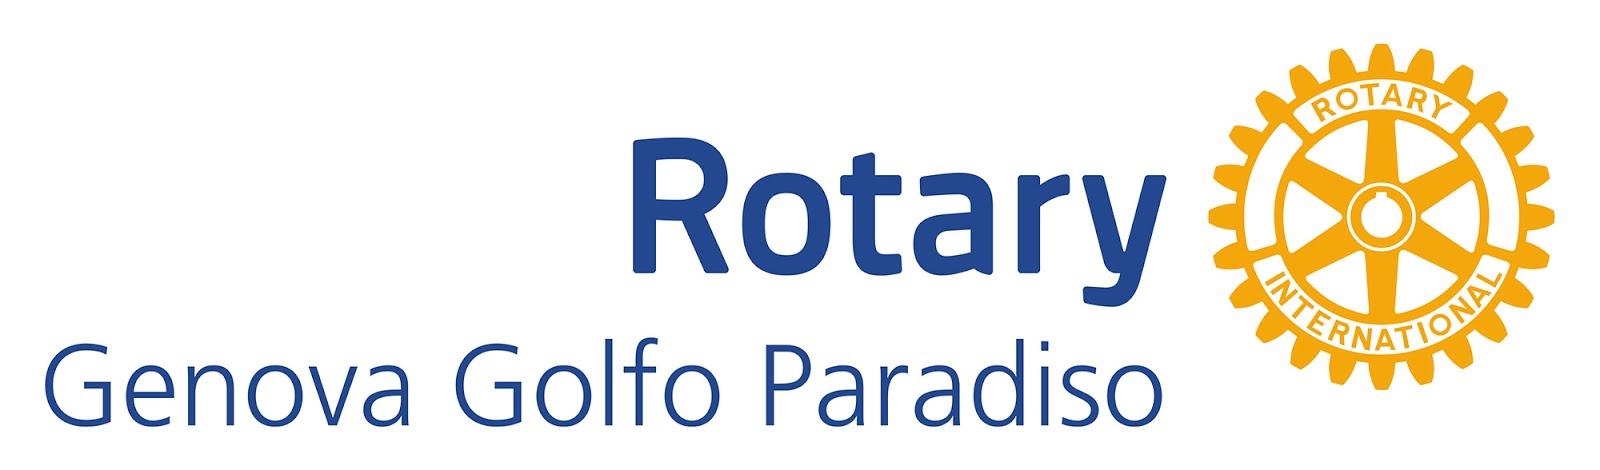 Rotary Club Genova Golfo Paradiso